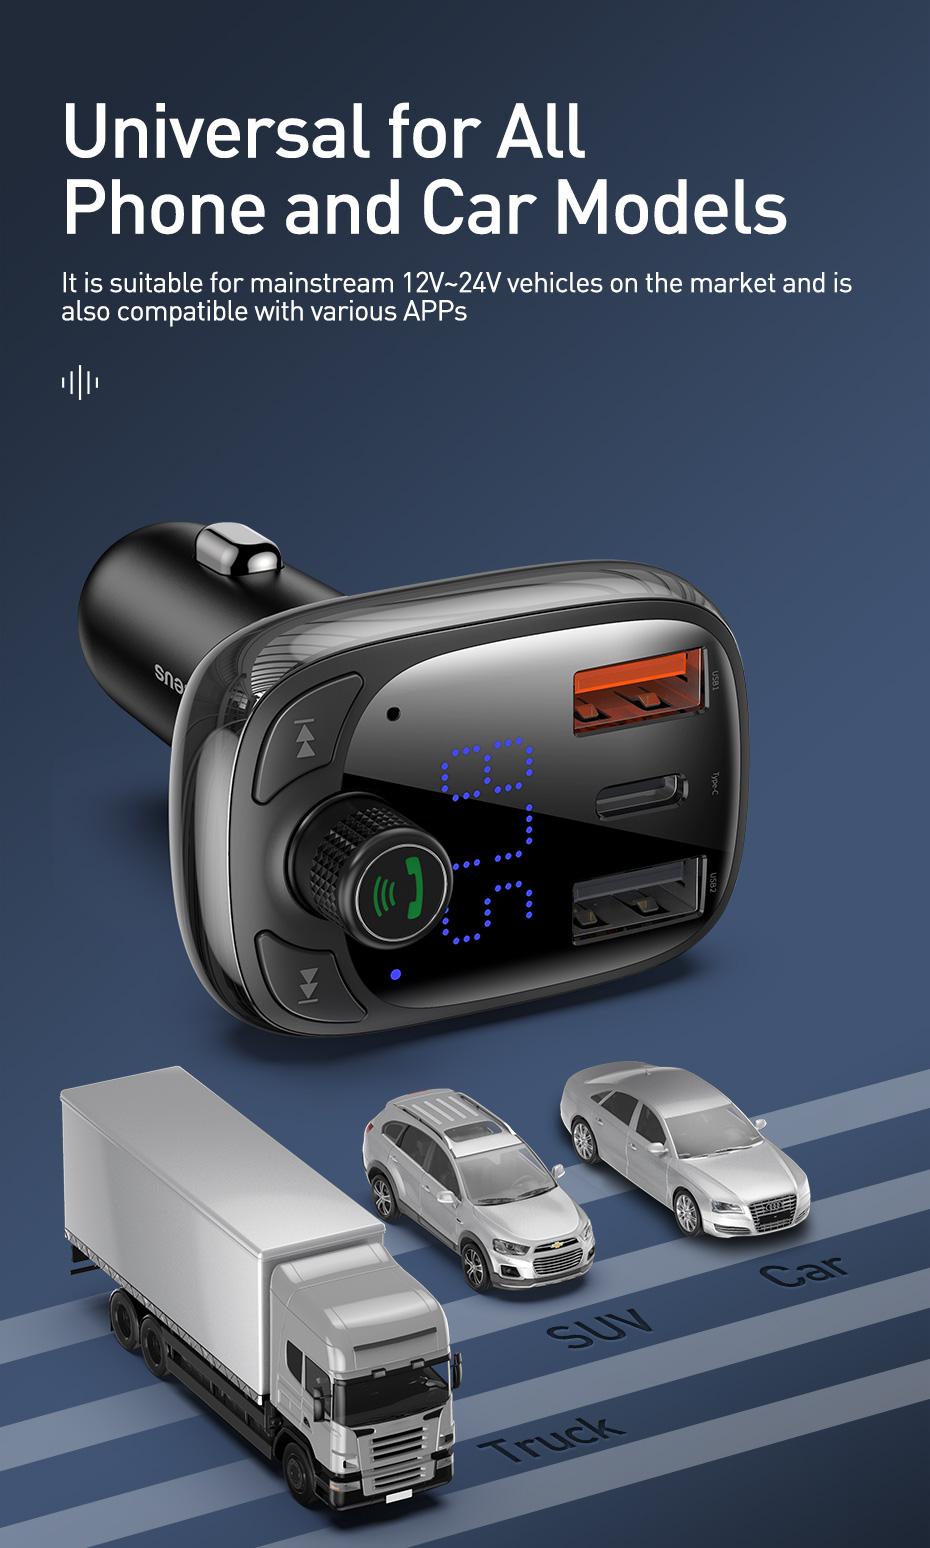 Tẩu sạc nhanh T Type Wireless MP3 Charger trên oto Baseus S-13 (CCTM-B01) - Hàng chính hãng